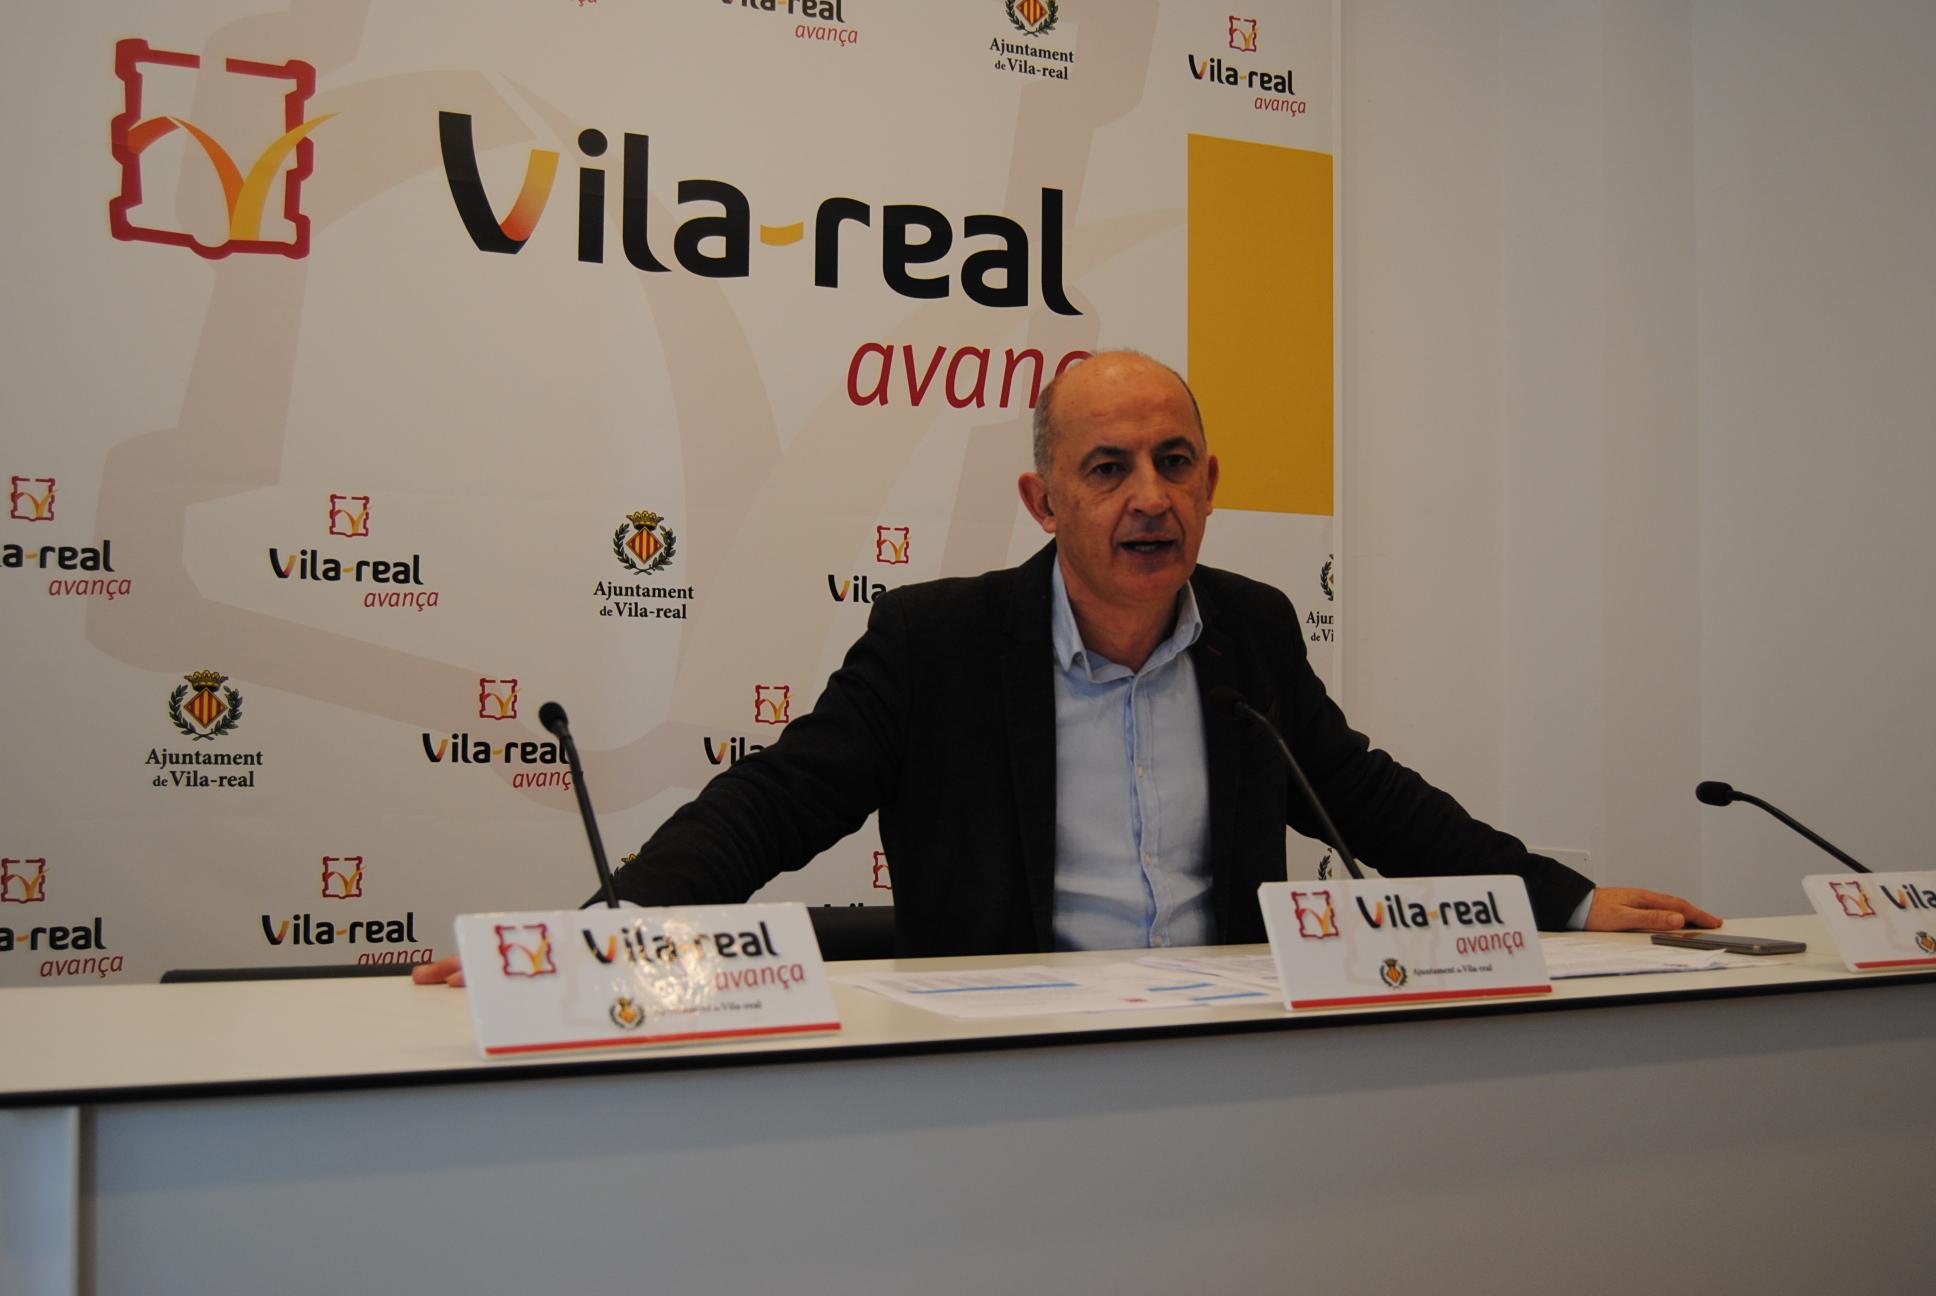 Vila-real garantiza la máxima calidad del agua y sólo hace uso del 1,5% de sus derechos en el Consorcio de Aguas de la Plana